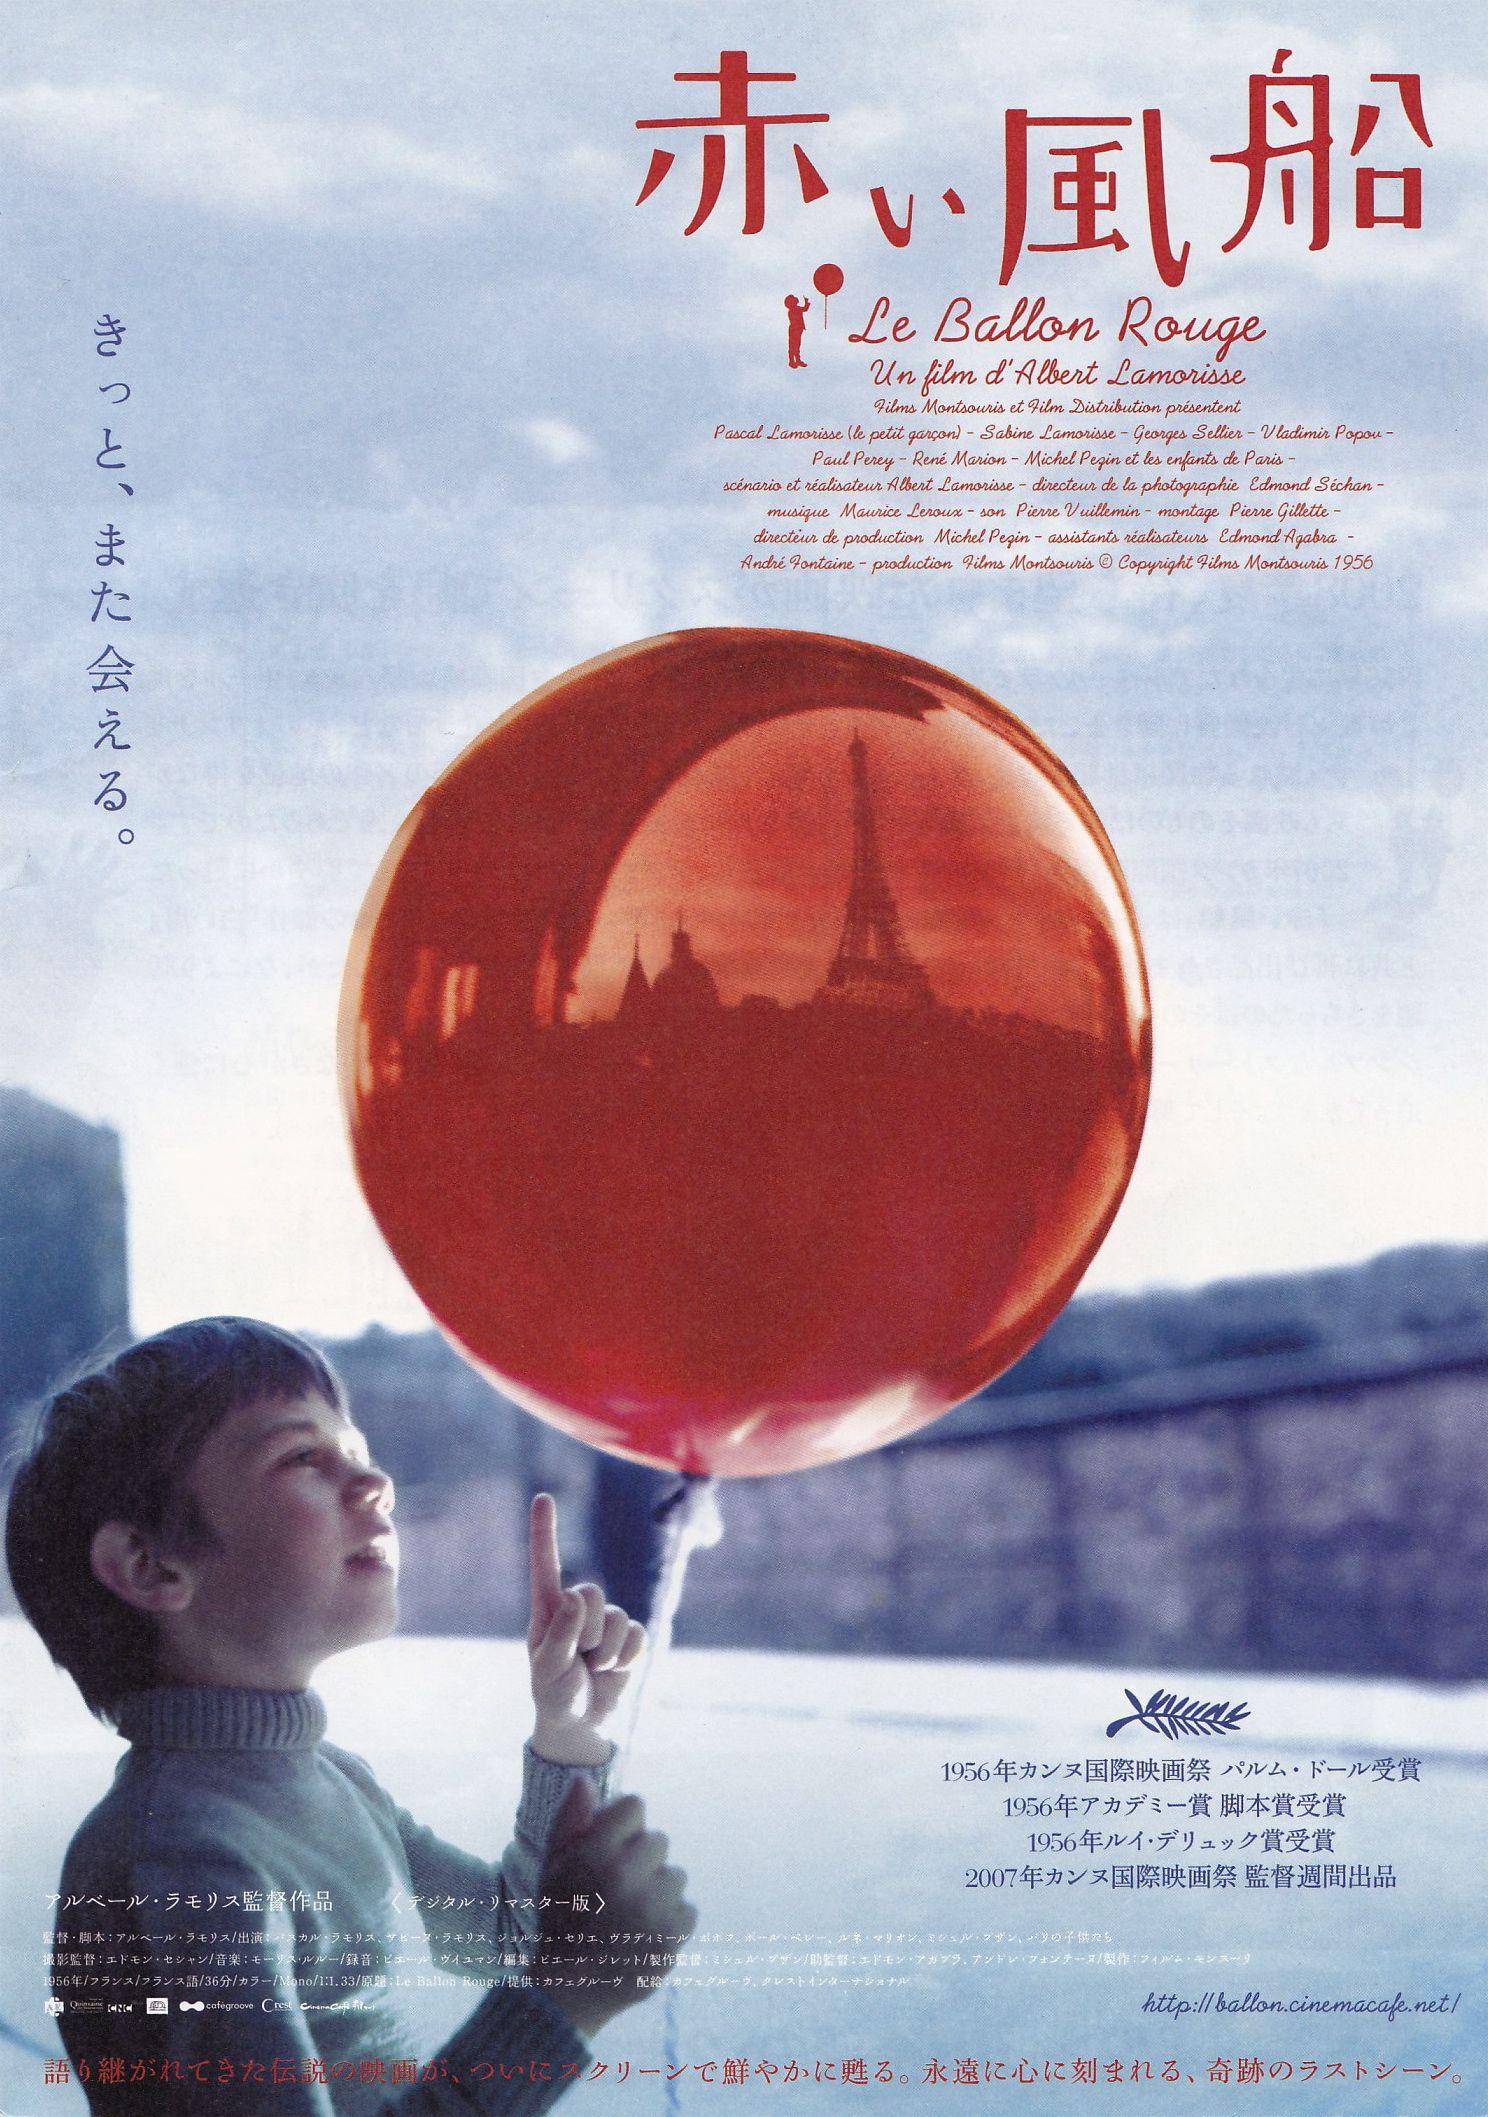 Le Ballon Rouge Albert Lamorisse Red Balloon Movie Red Balloon Balloon Movie